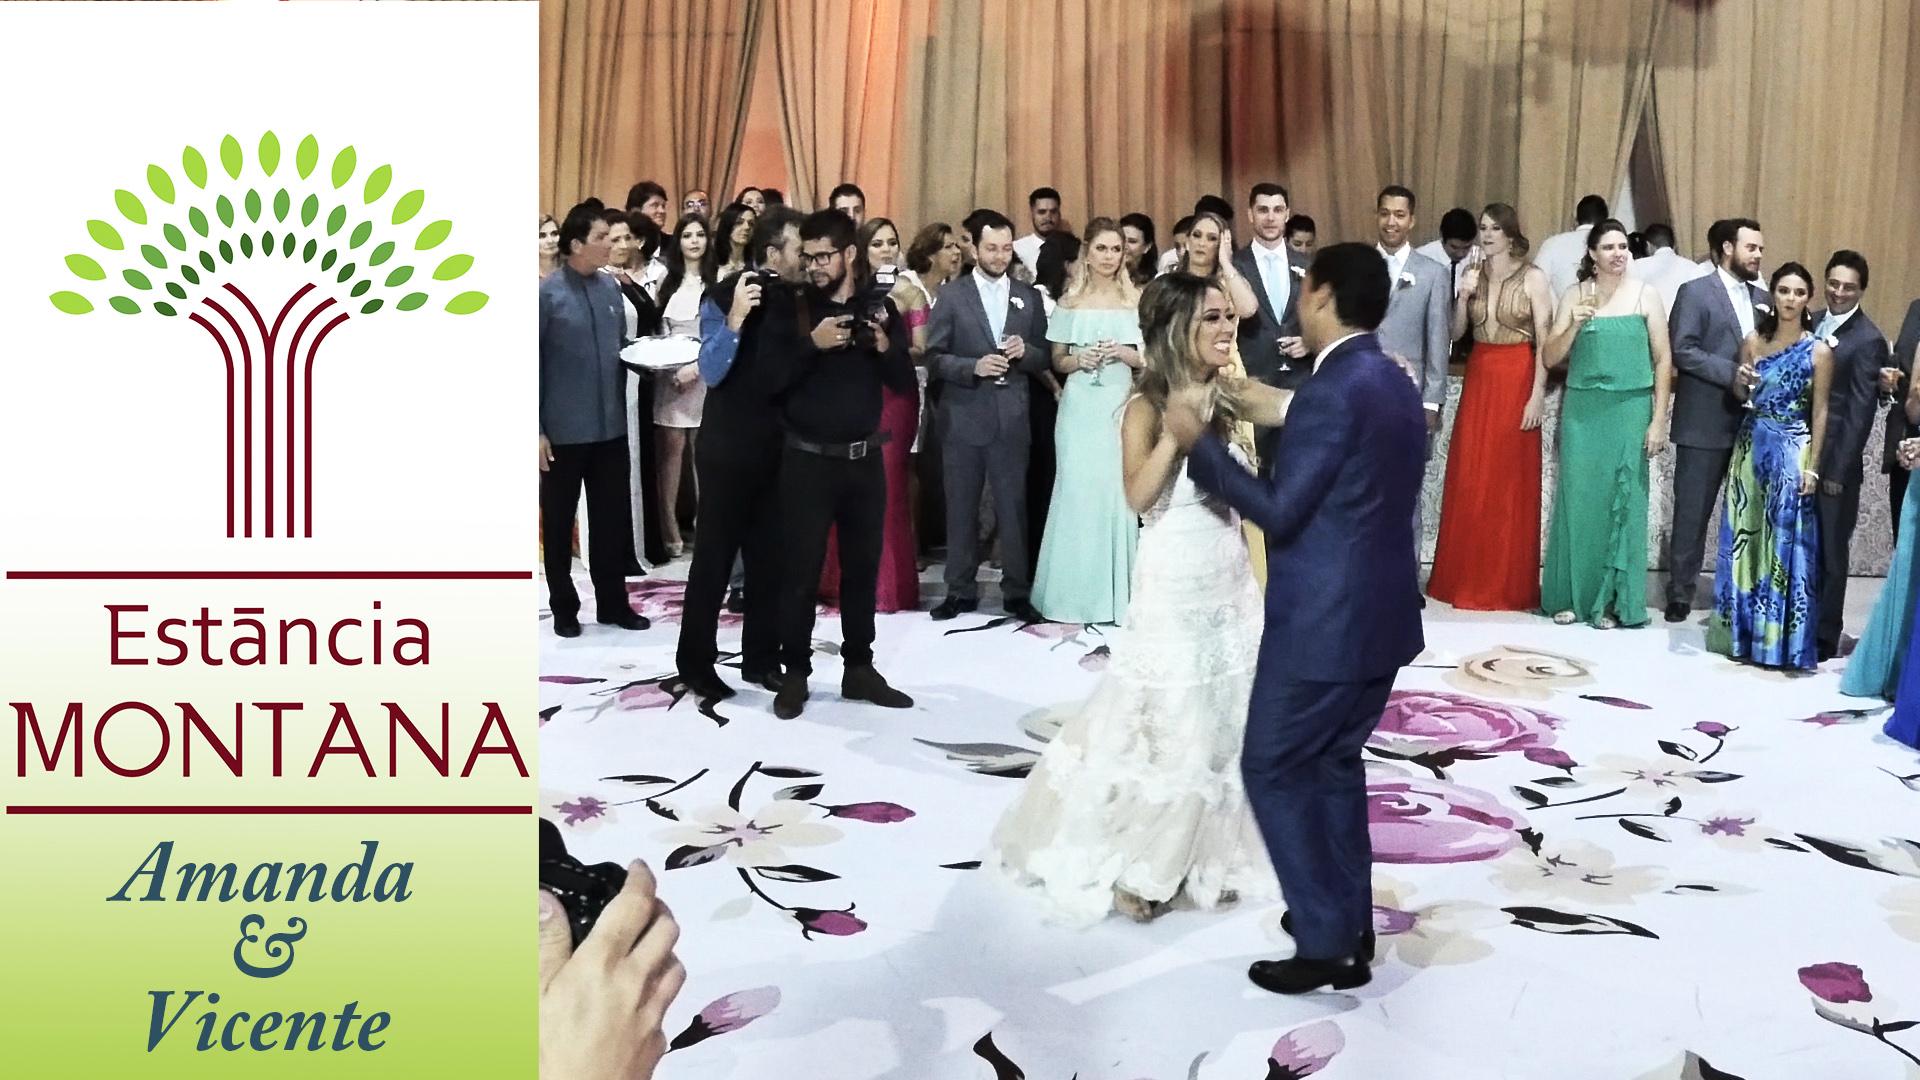 Casamento de Amanda e Vicente